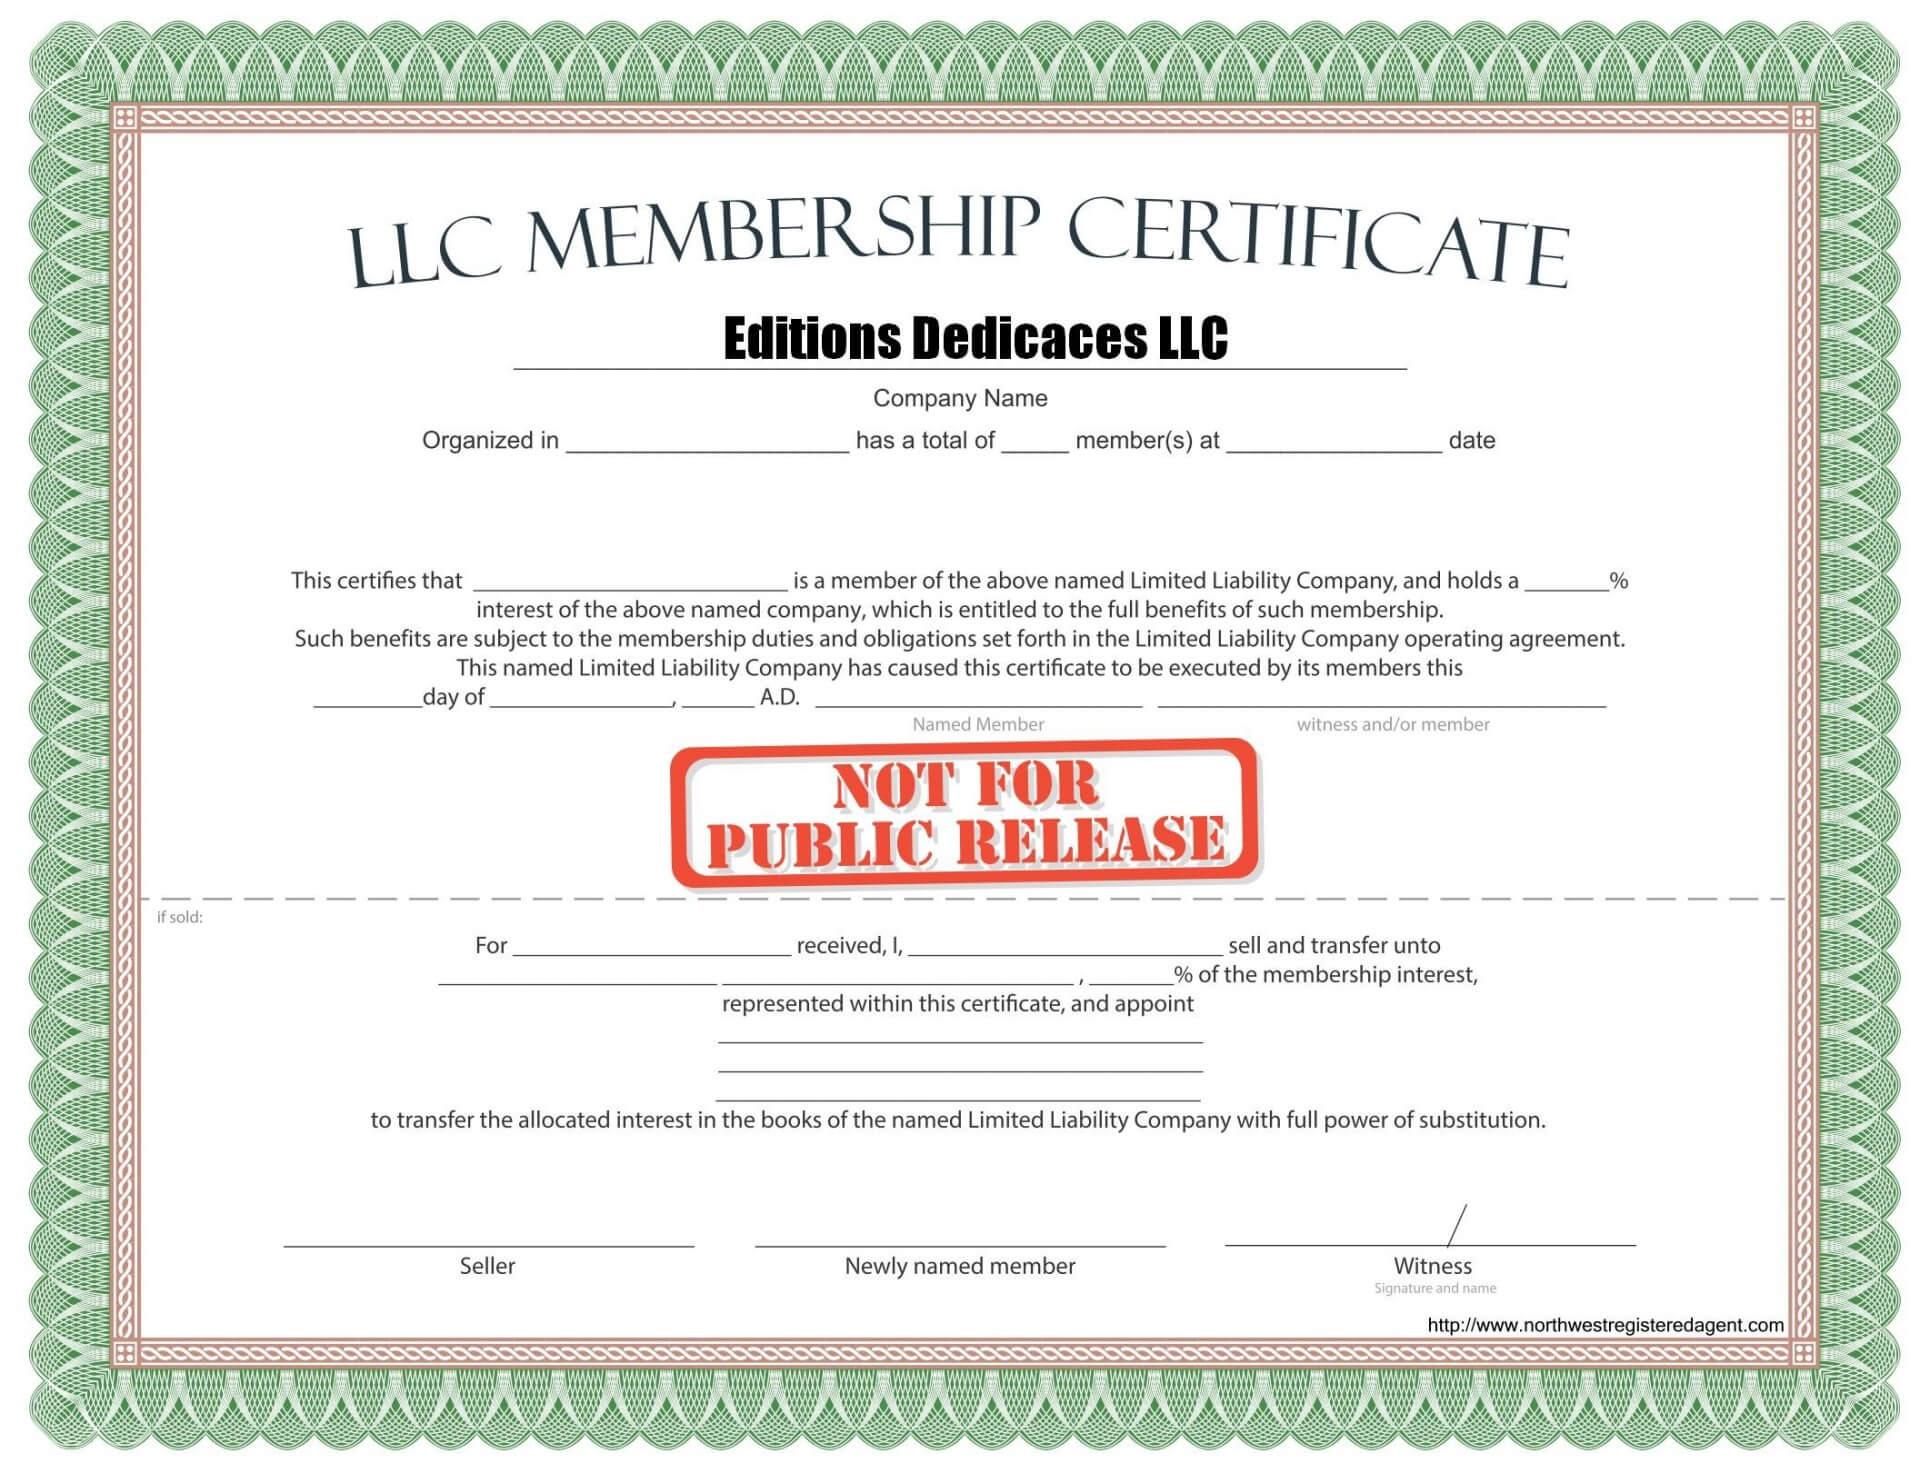 024 Image1 Llc Membership Certificate Template Incredible Pertaining To New Member Certificate Template